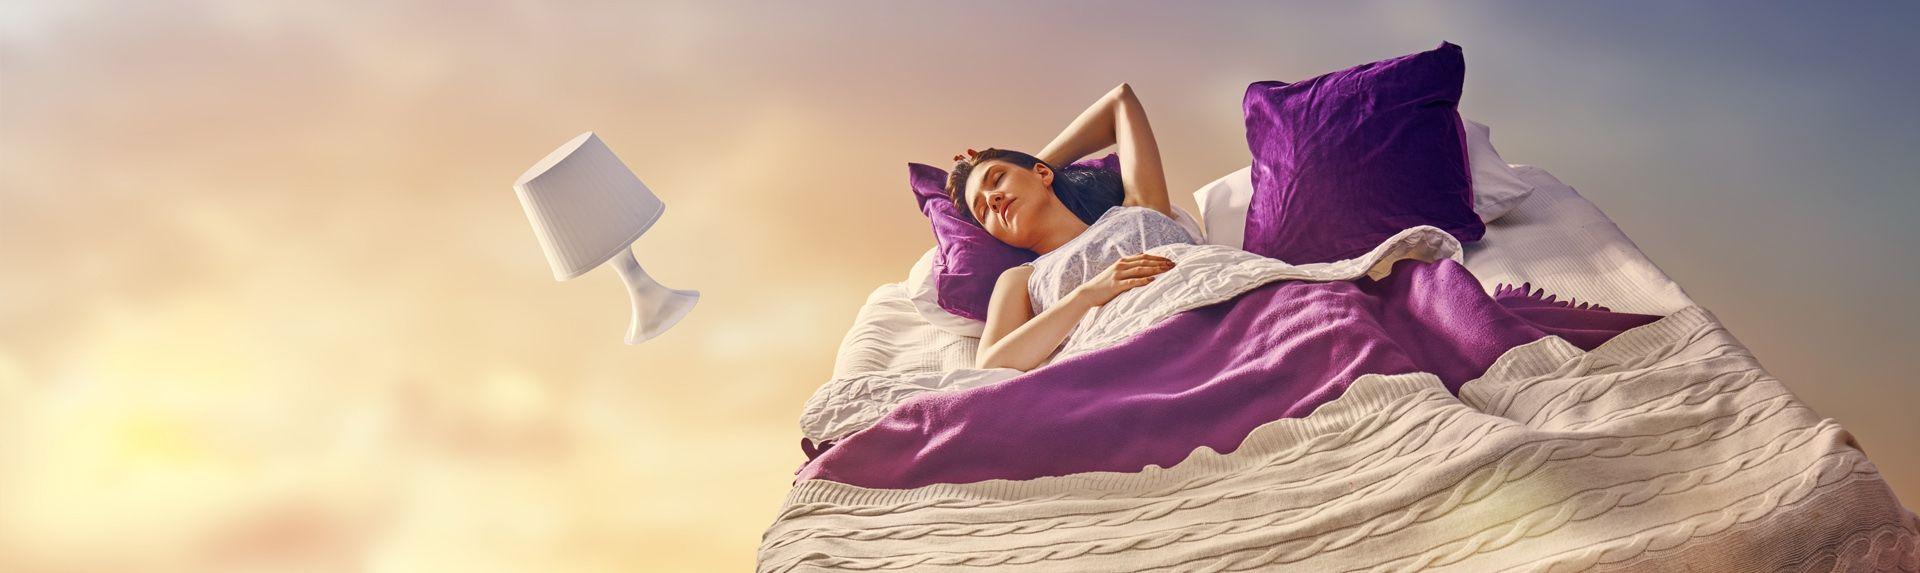 Нарушение сна при климаксе: что делать если вы храпите?